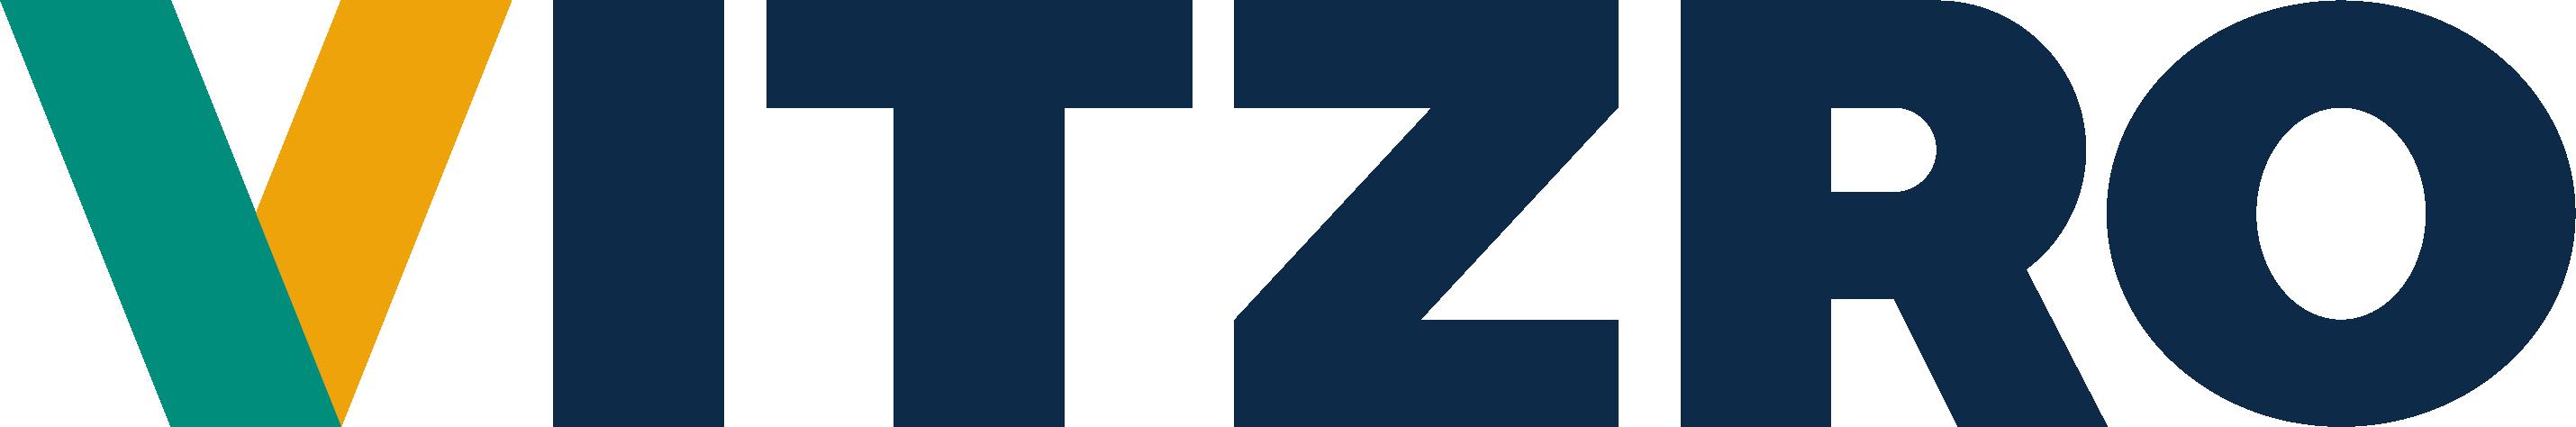 비츠로테크의 계열사 (주)비츠로테크의 로고